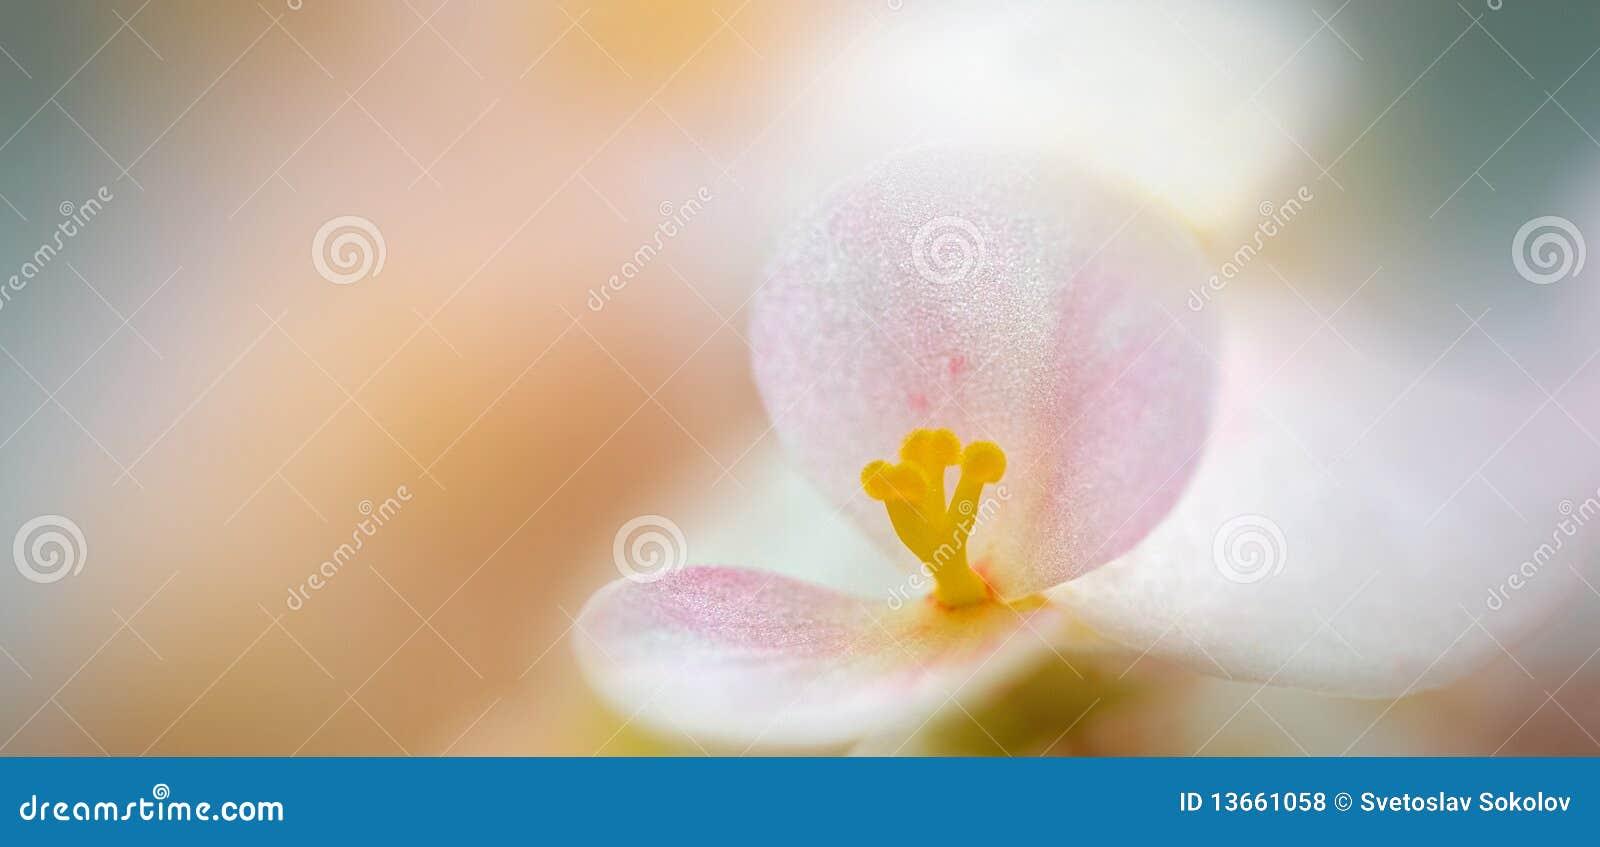 Fiore a macroistruzione